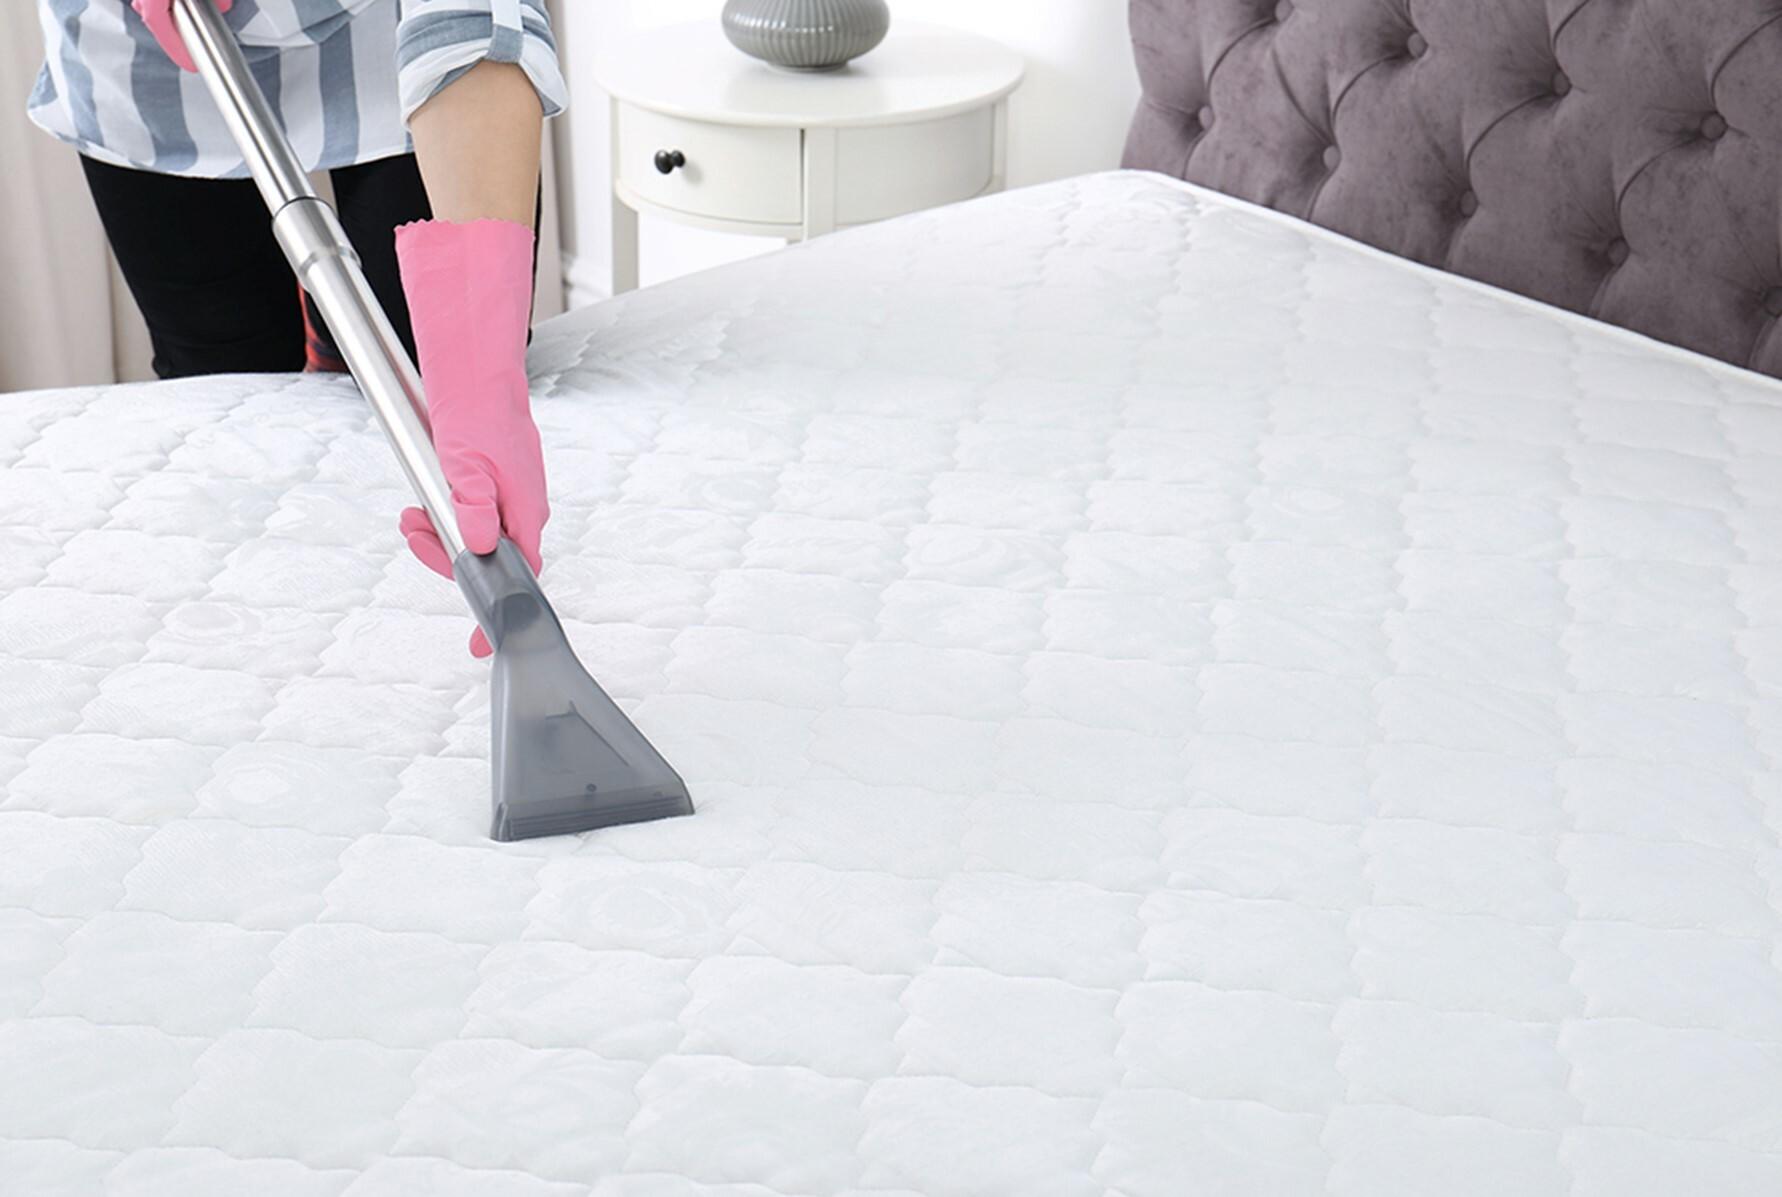 床墊塵蟎只靠除塵吸塵器就夠了嗎?